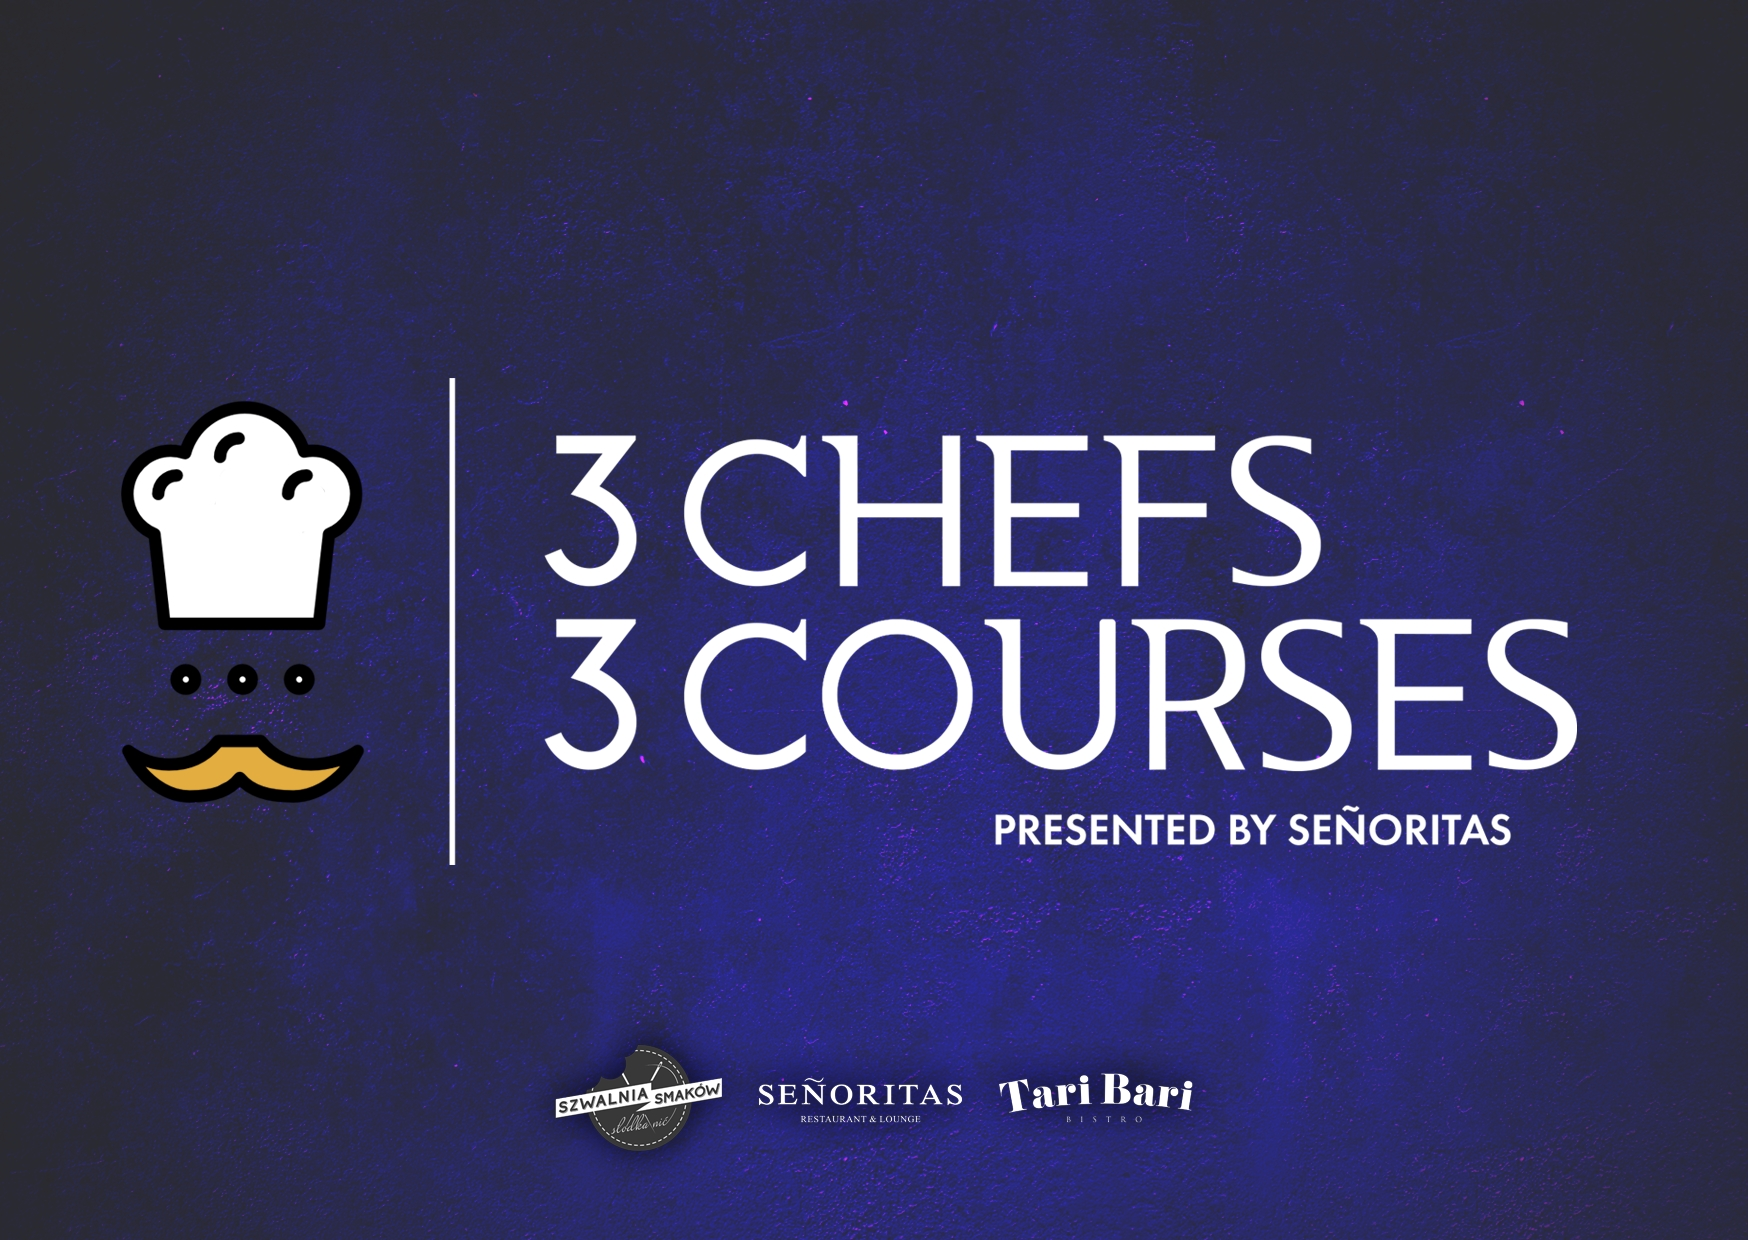 3 Chefs – 3 Courses, czyli kolacja na sześć rąk w Senoritas